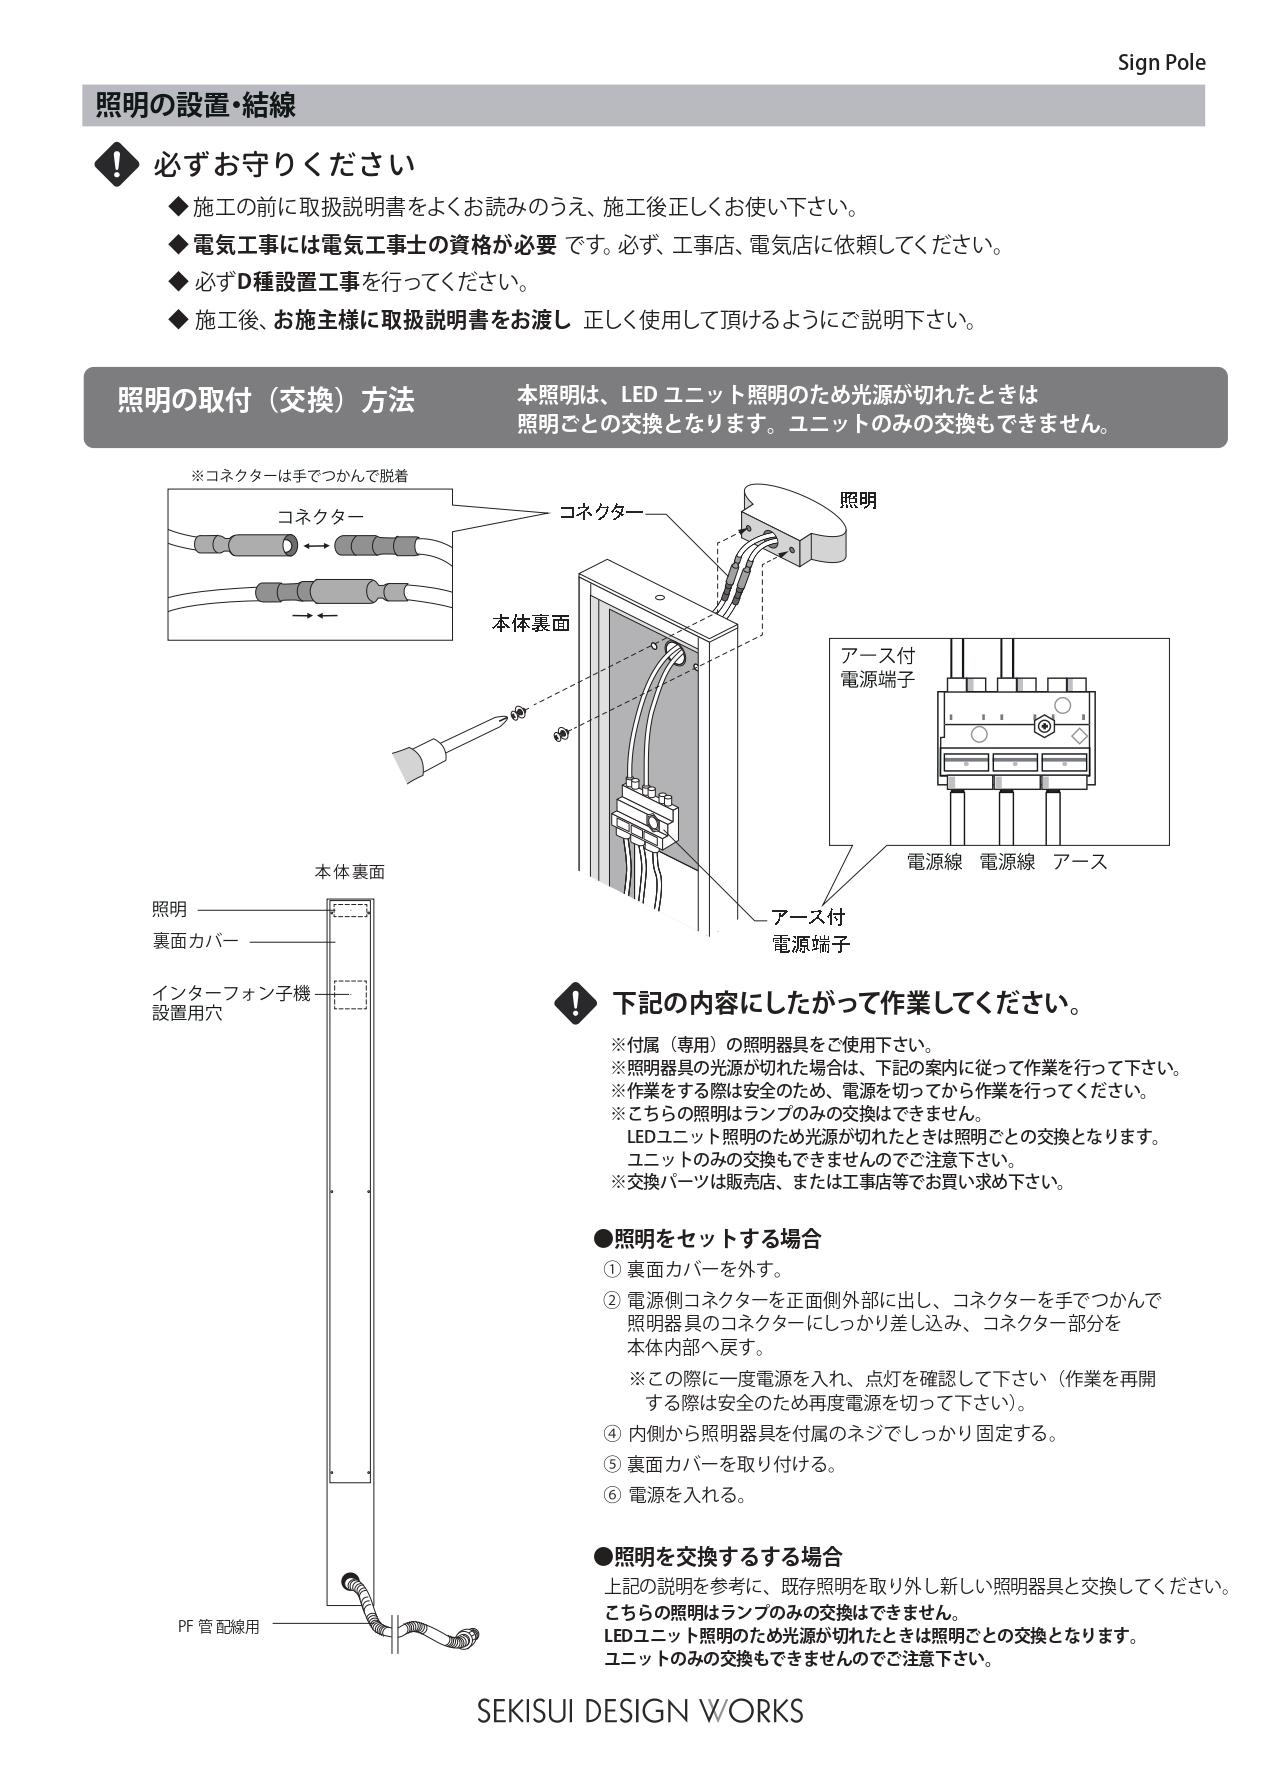 サインポール 施工説明書_page-0003